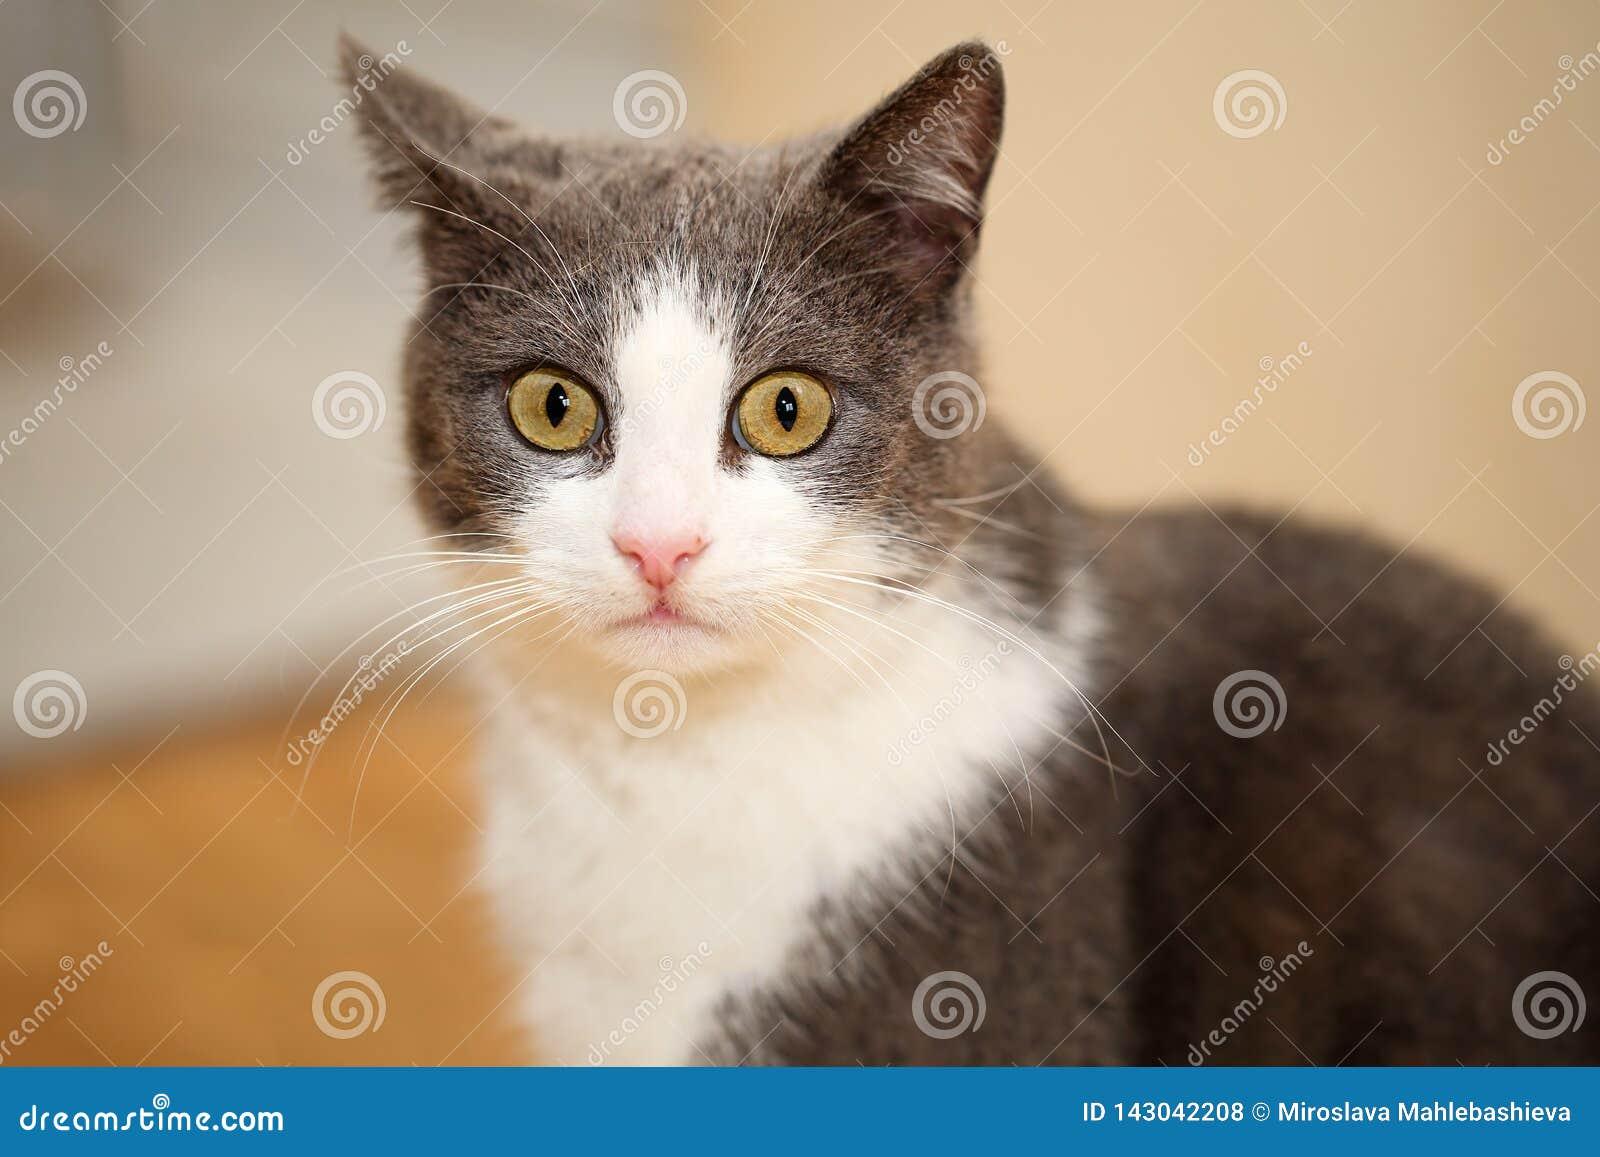 Nahes Porträt eines netten und lustigen Graus mit weißer Katze, betrachtend erstaunt